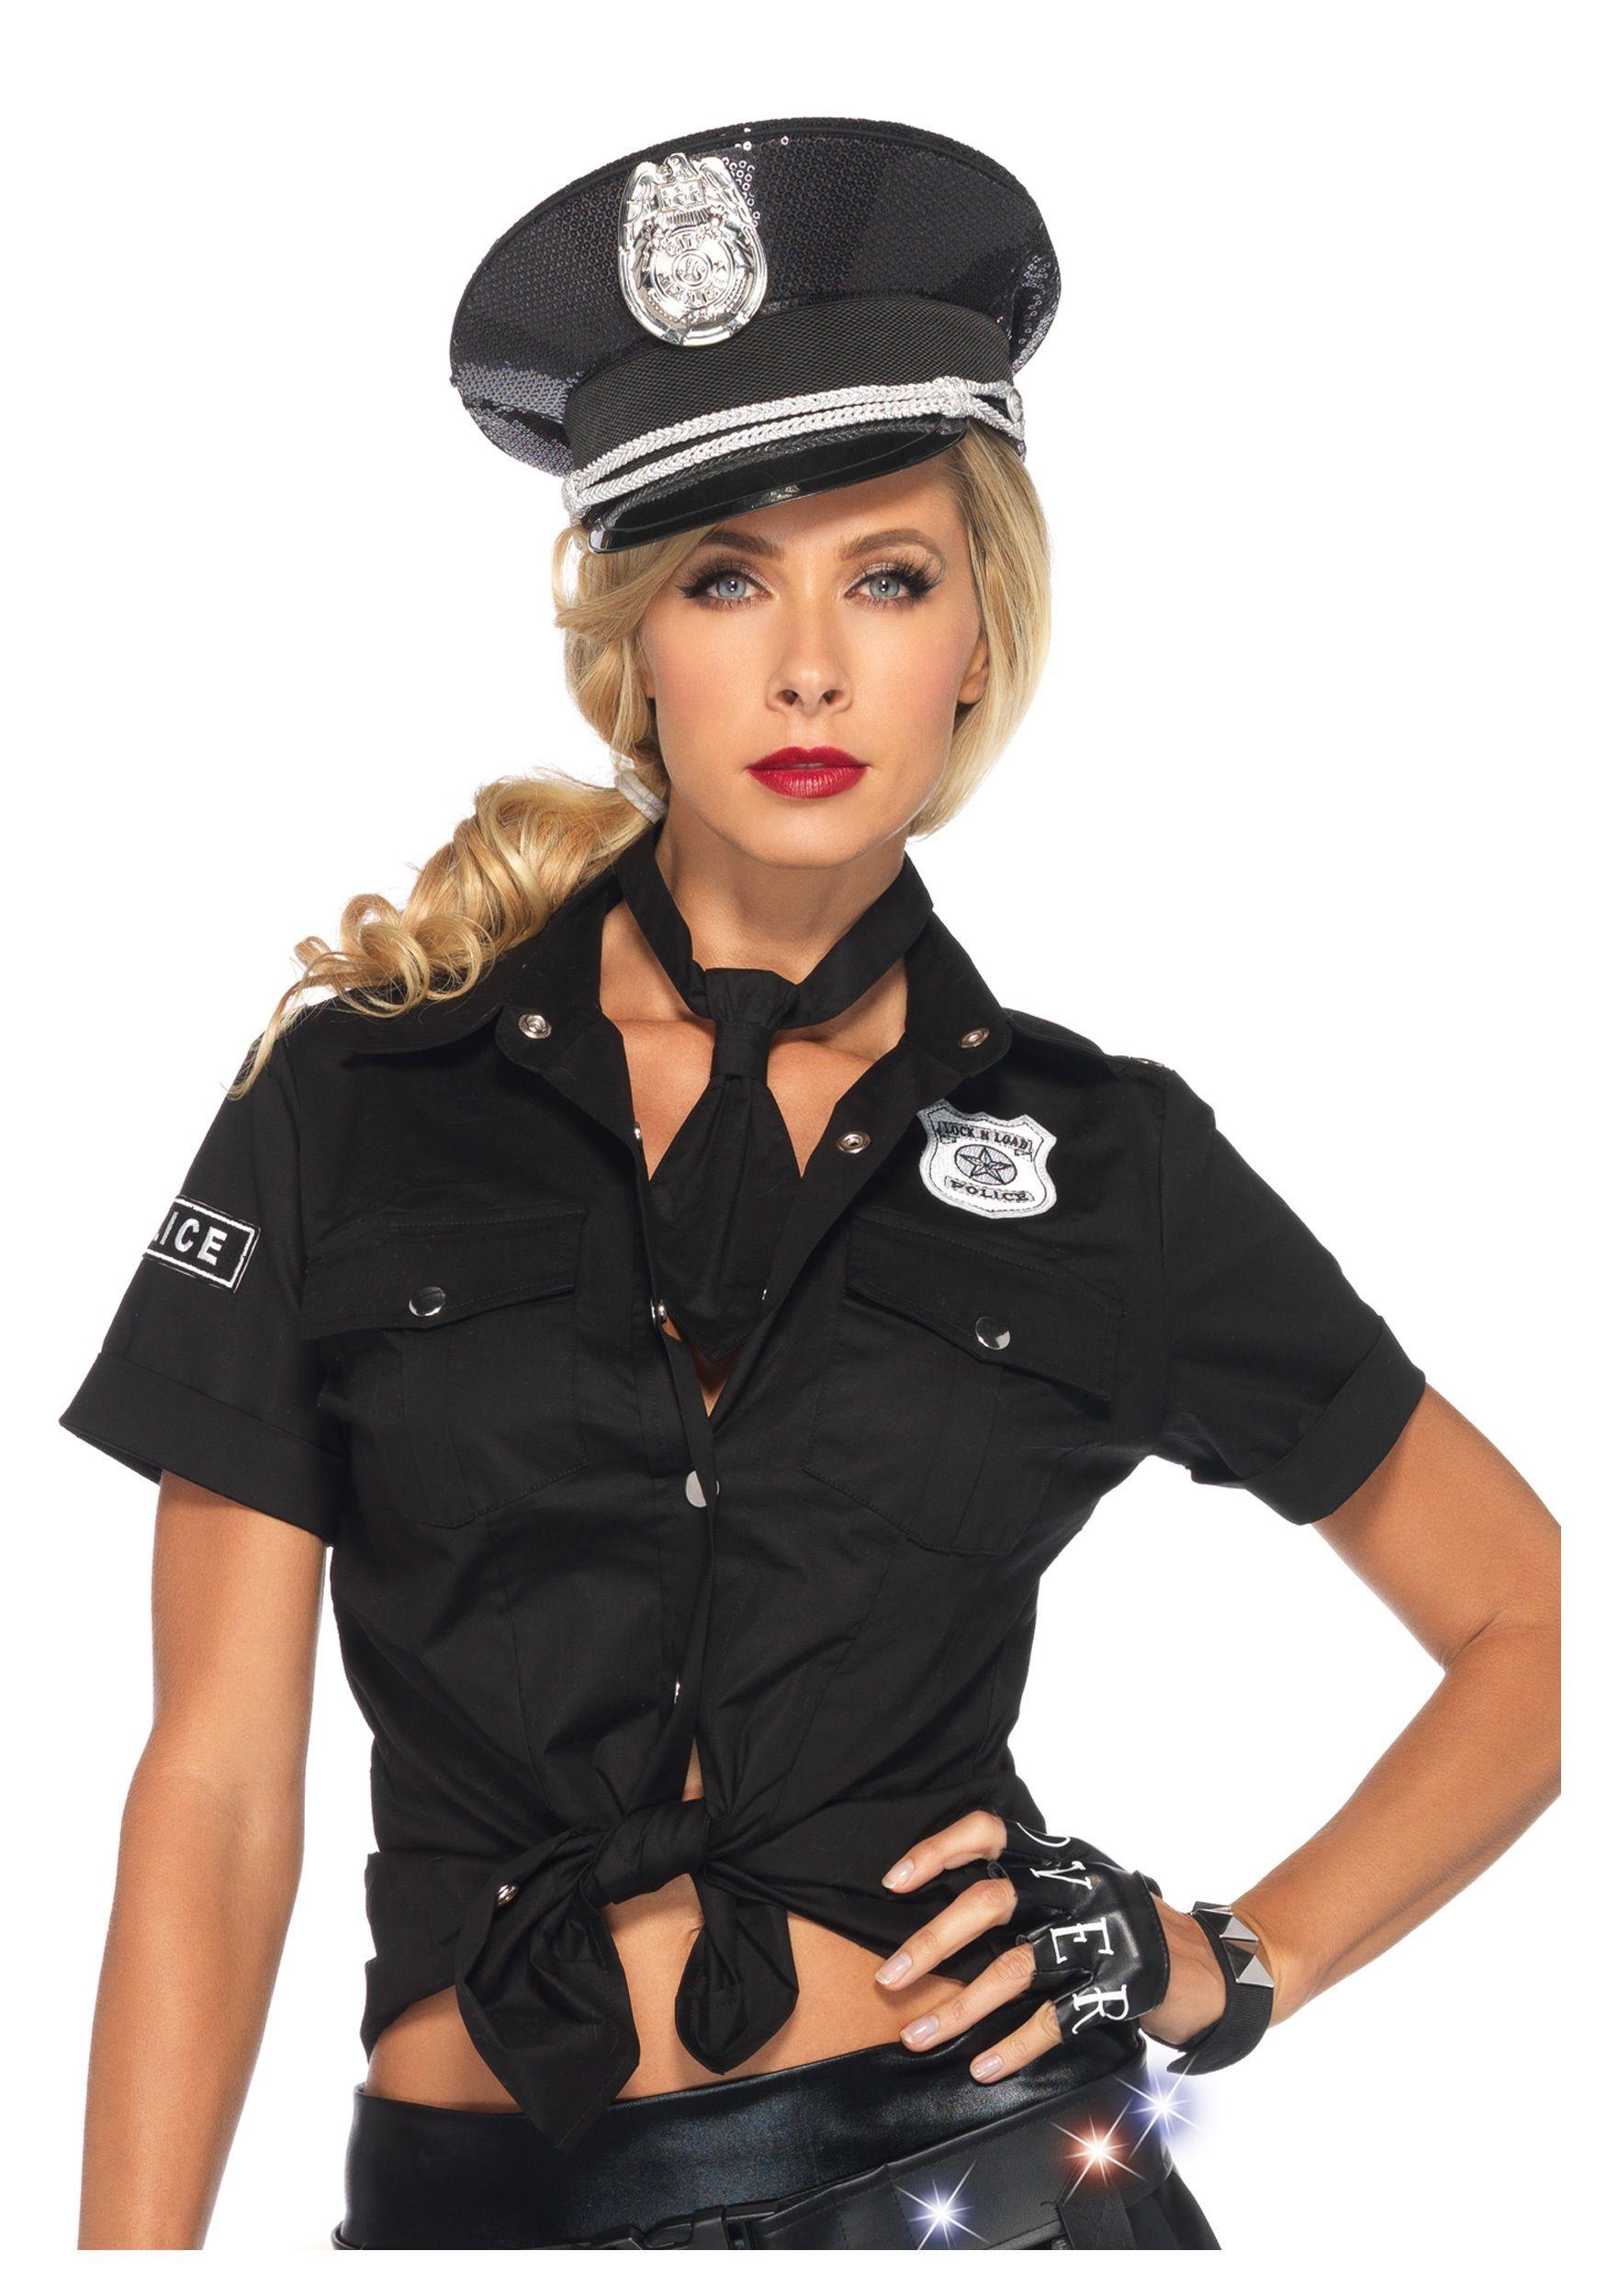 zhenshinoy-parandzhe-politseyskaya-seksualnaya-ochki-dva